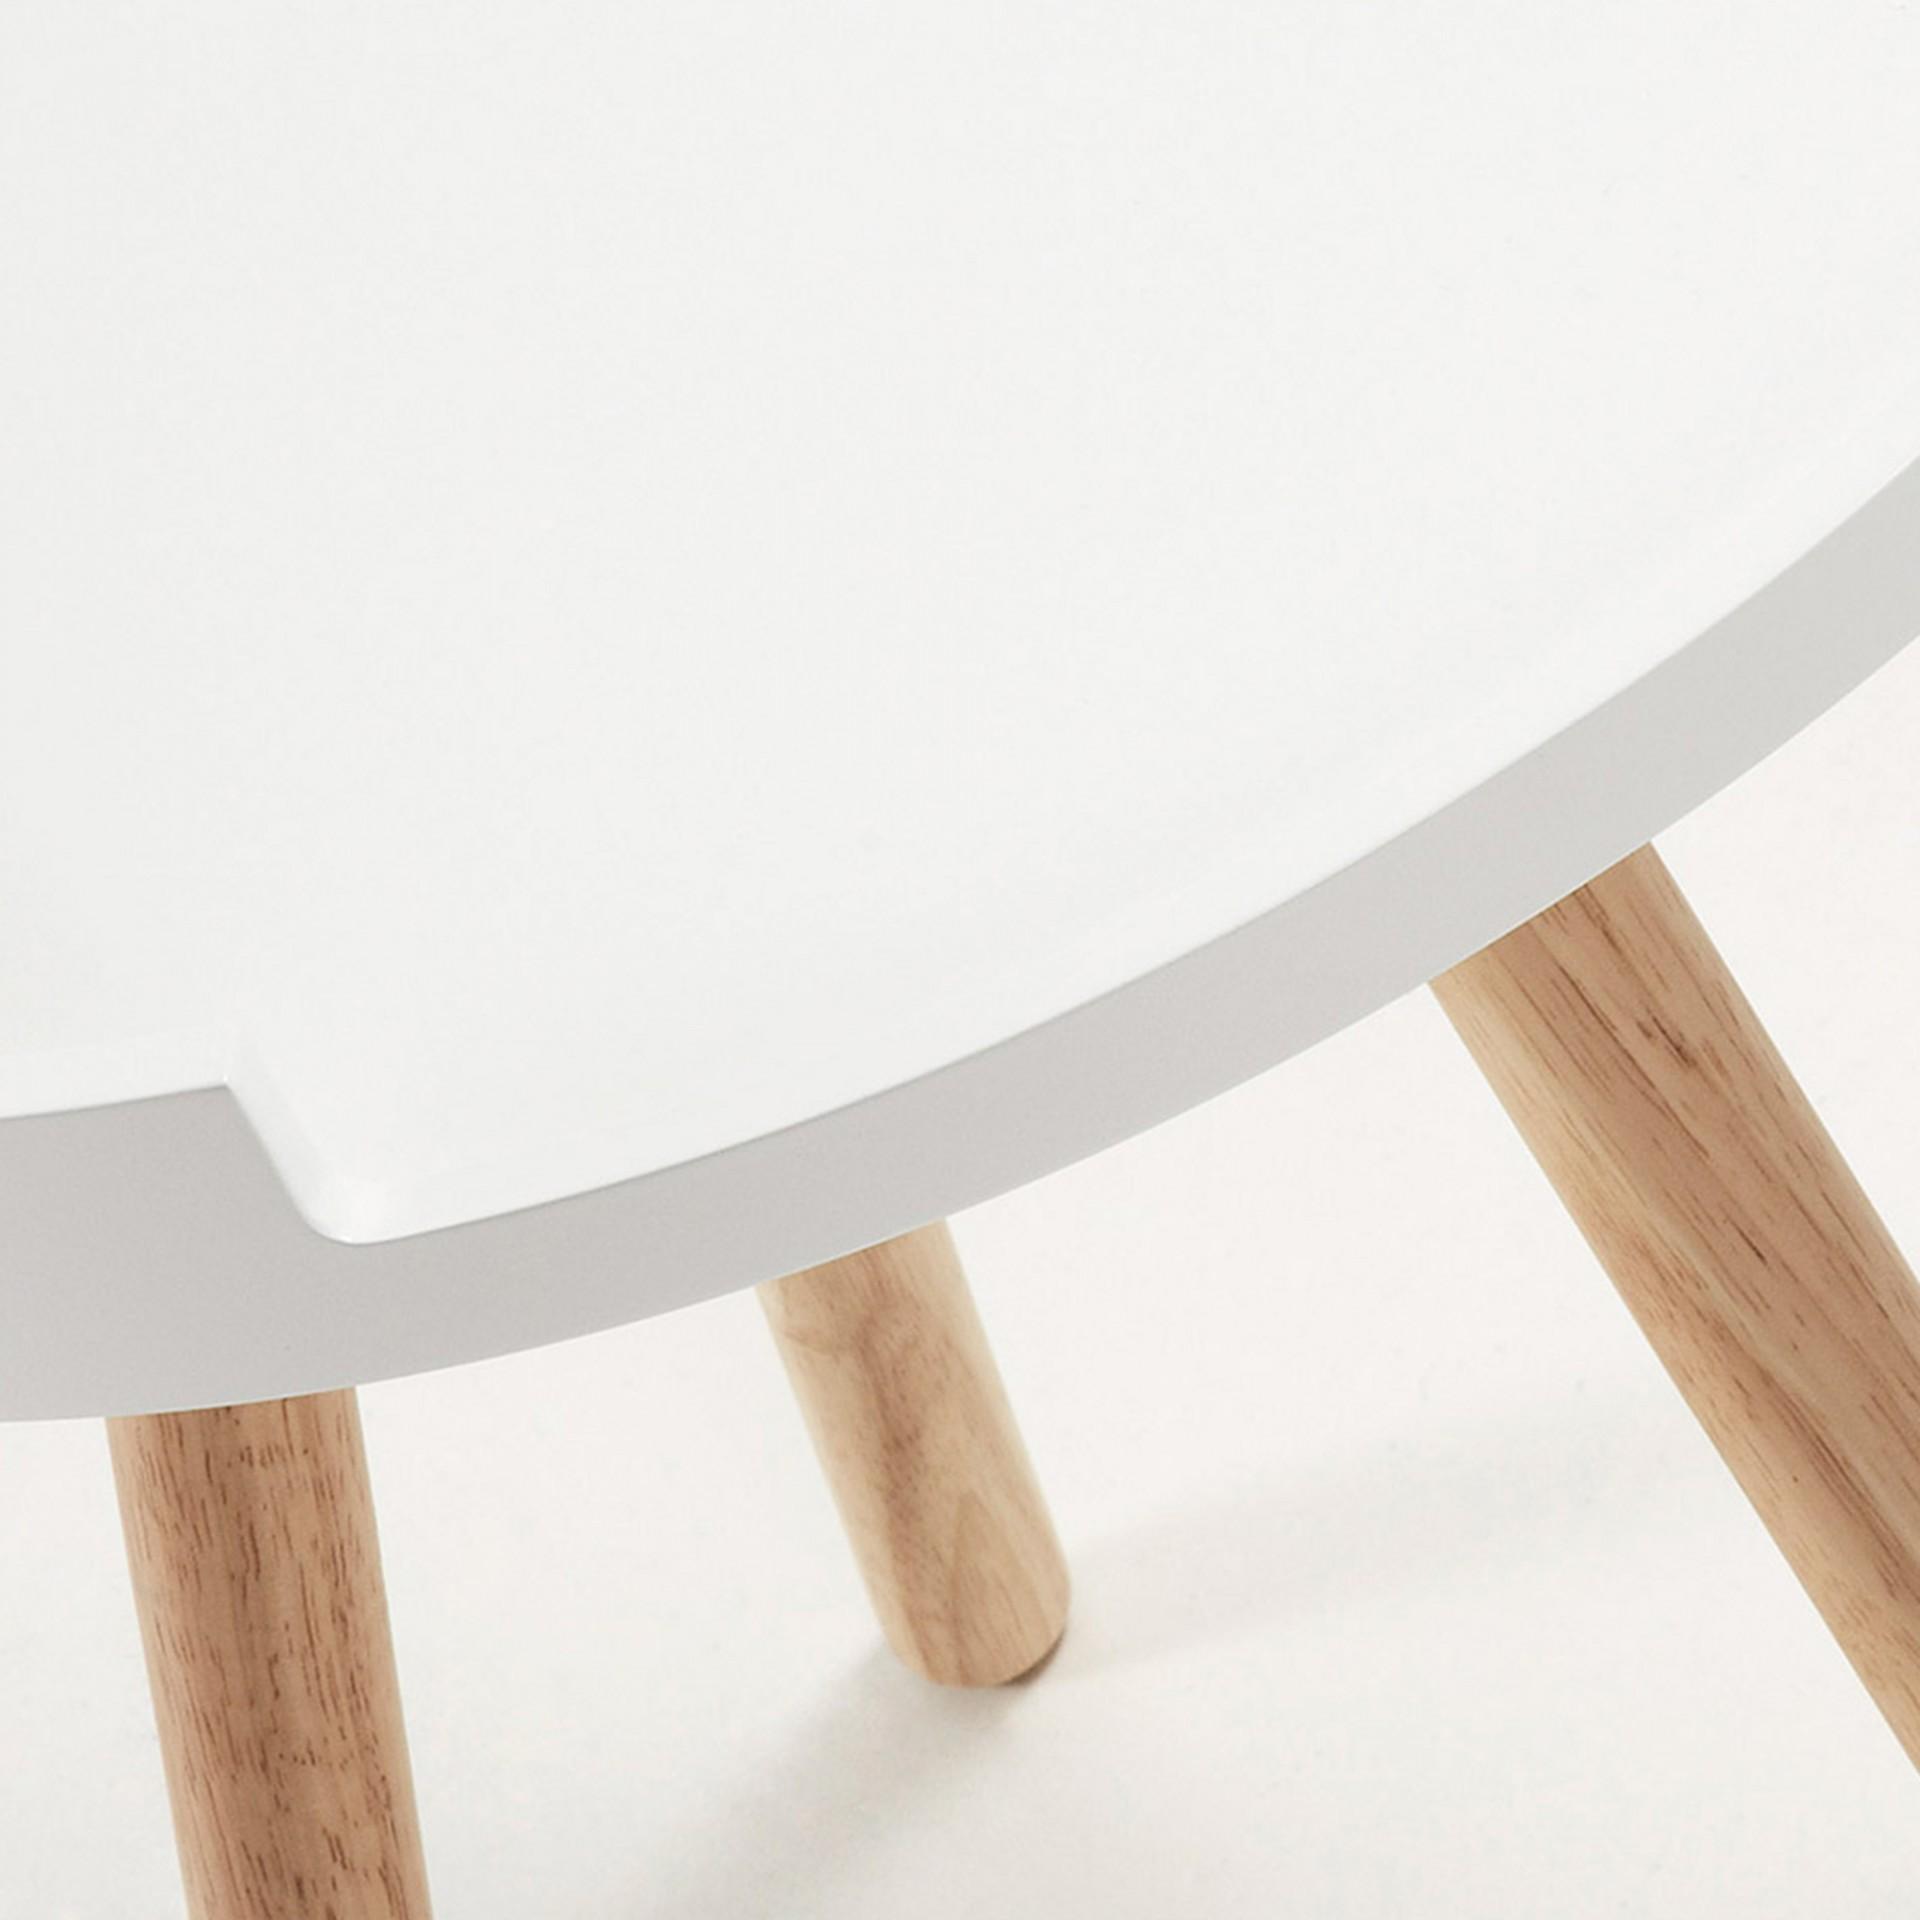 Mesa de apoio, madeira de seringueira/MDF lacado, Ø46x46 cm